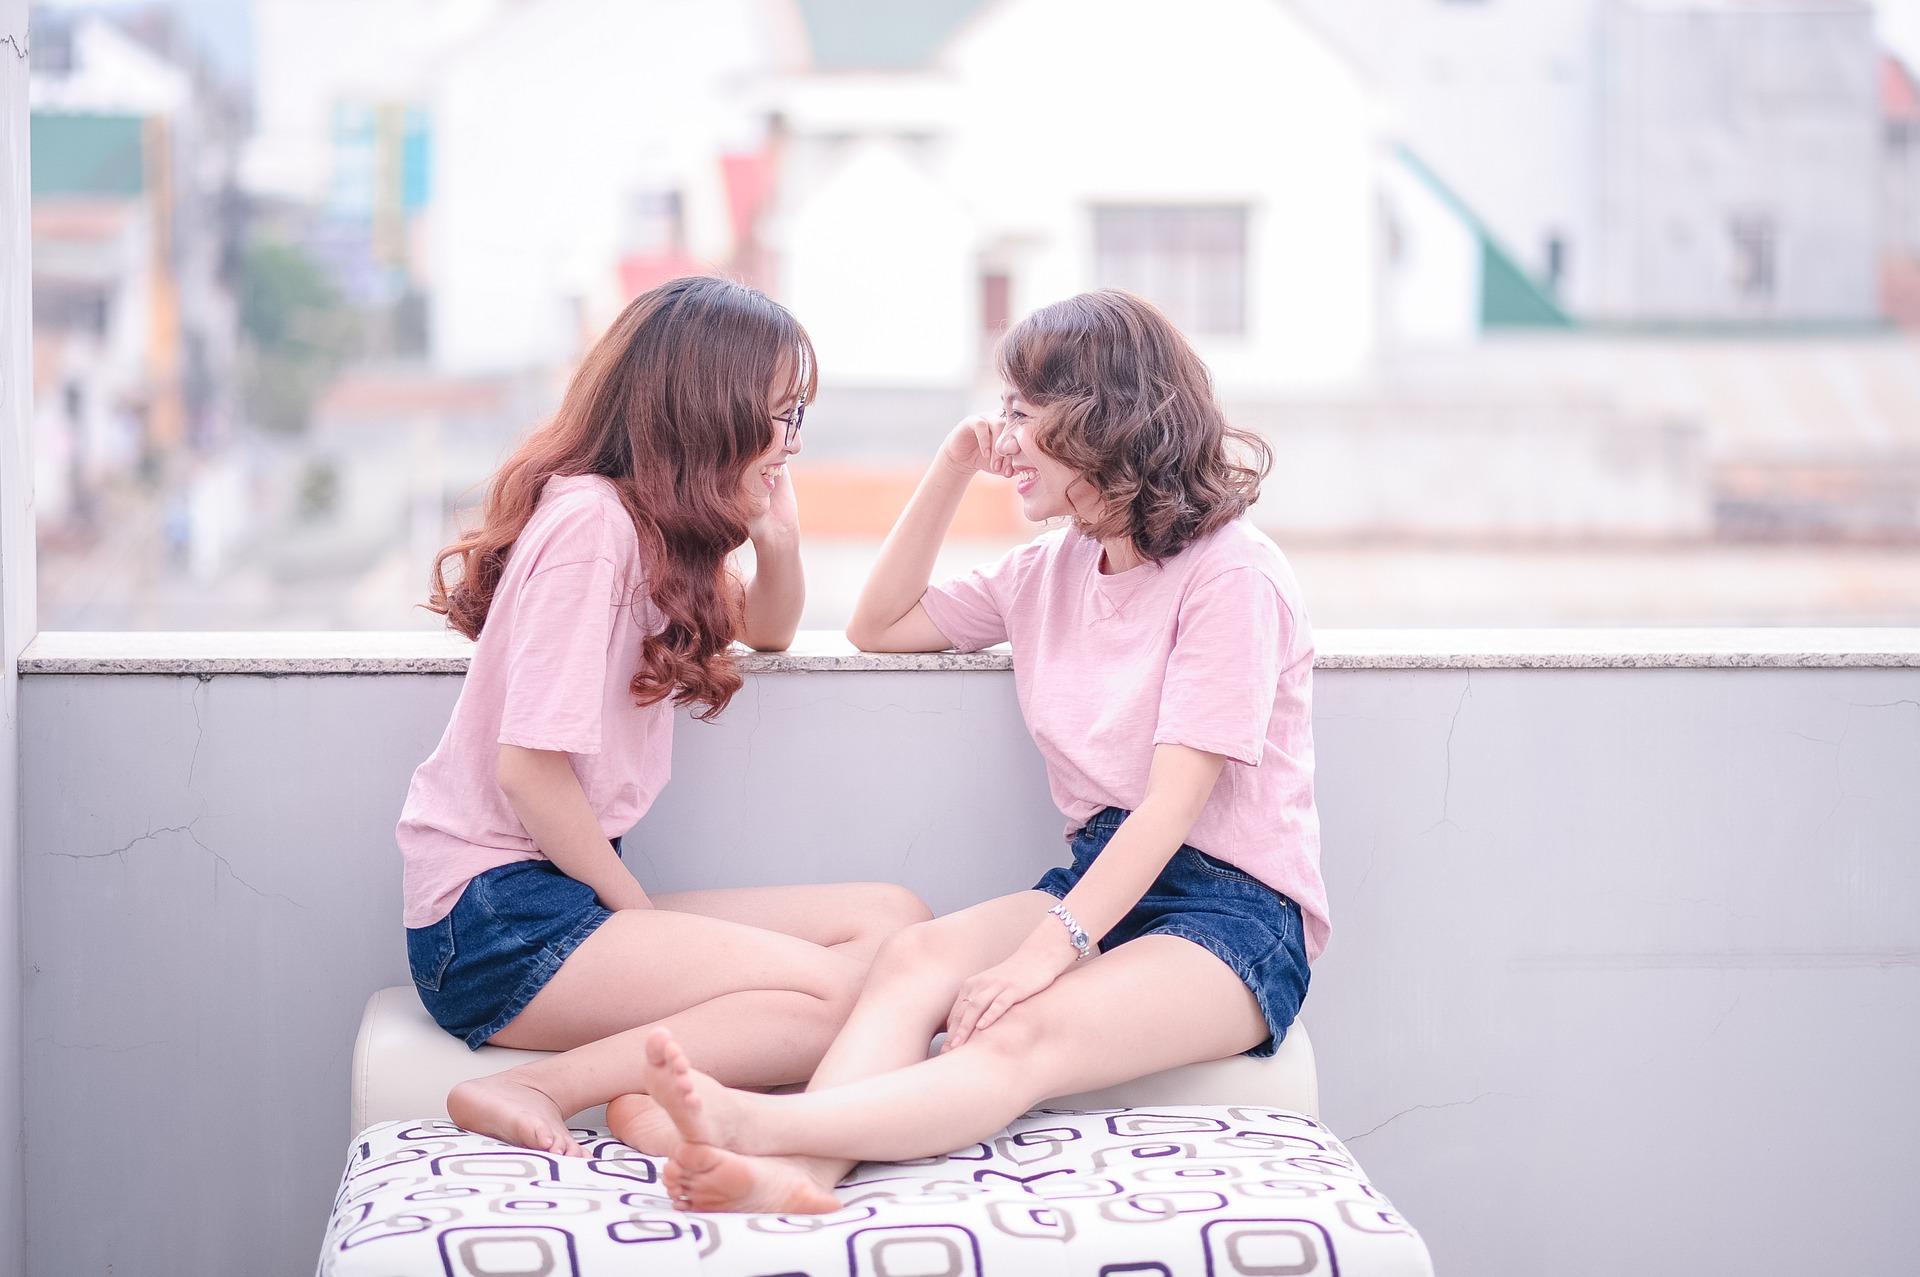 ゴシップを話す2人のピンクの服をきた女性